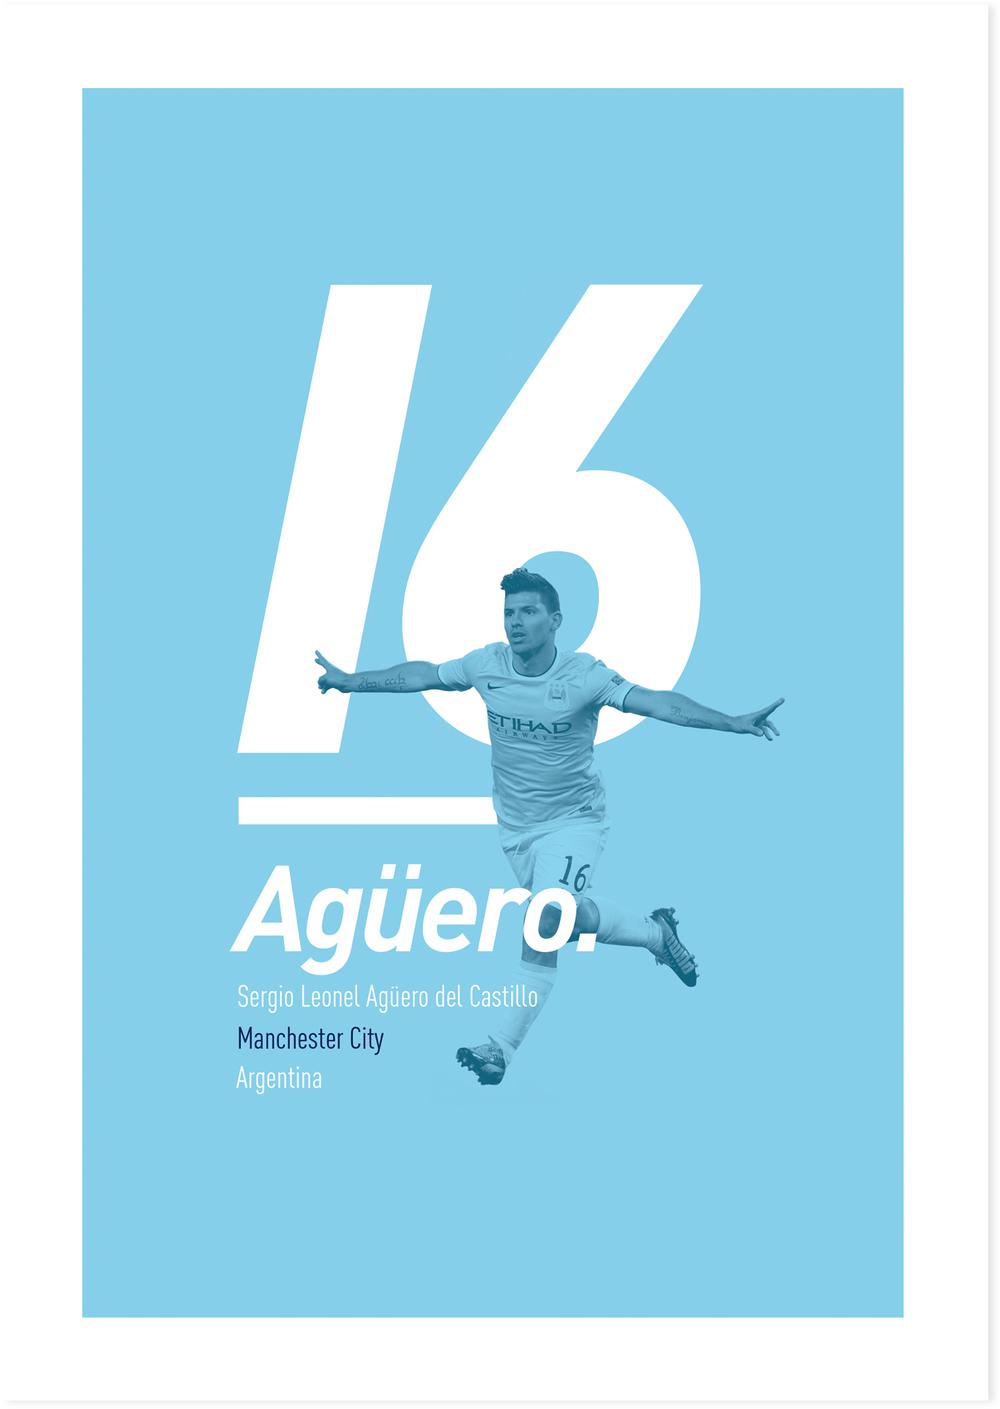 Aguero_web.jpg